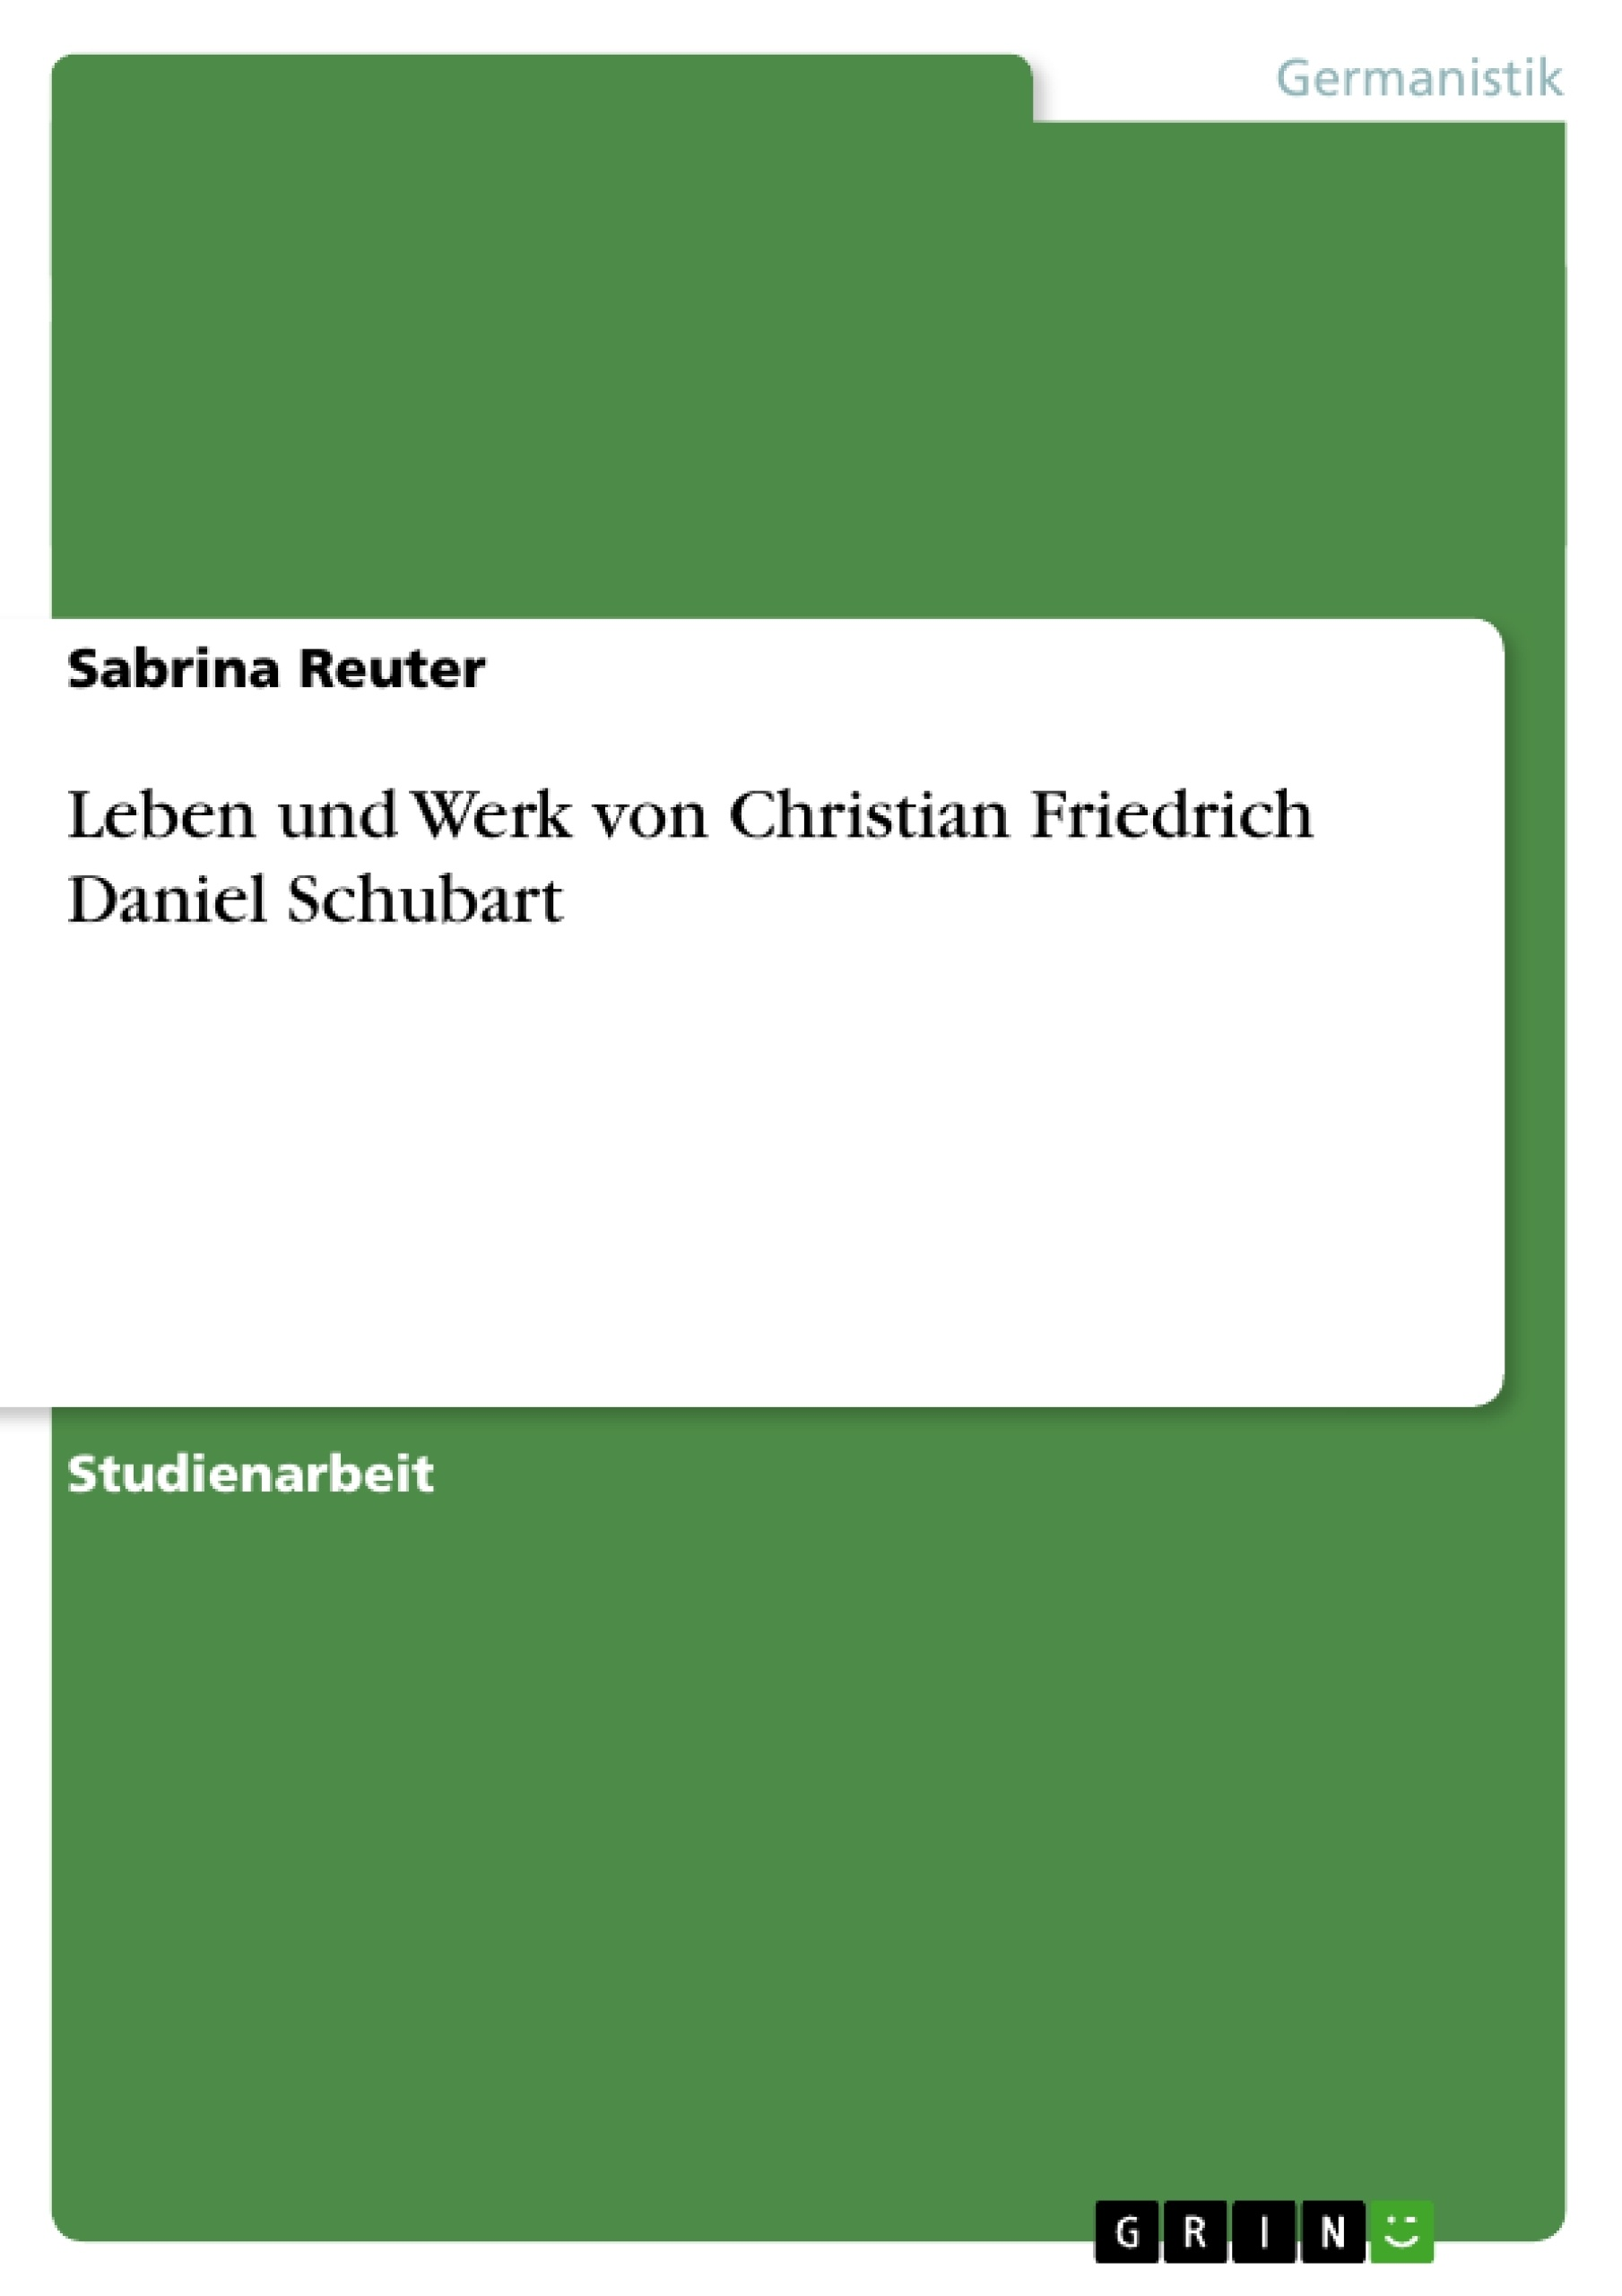 Titel: Leben und Werk von Christian Friedrich Daniel Schubart